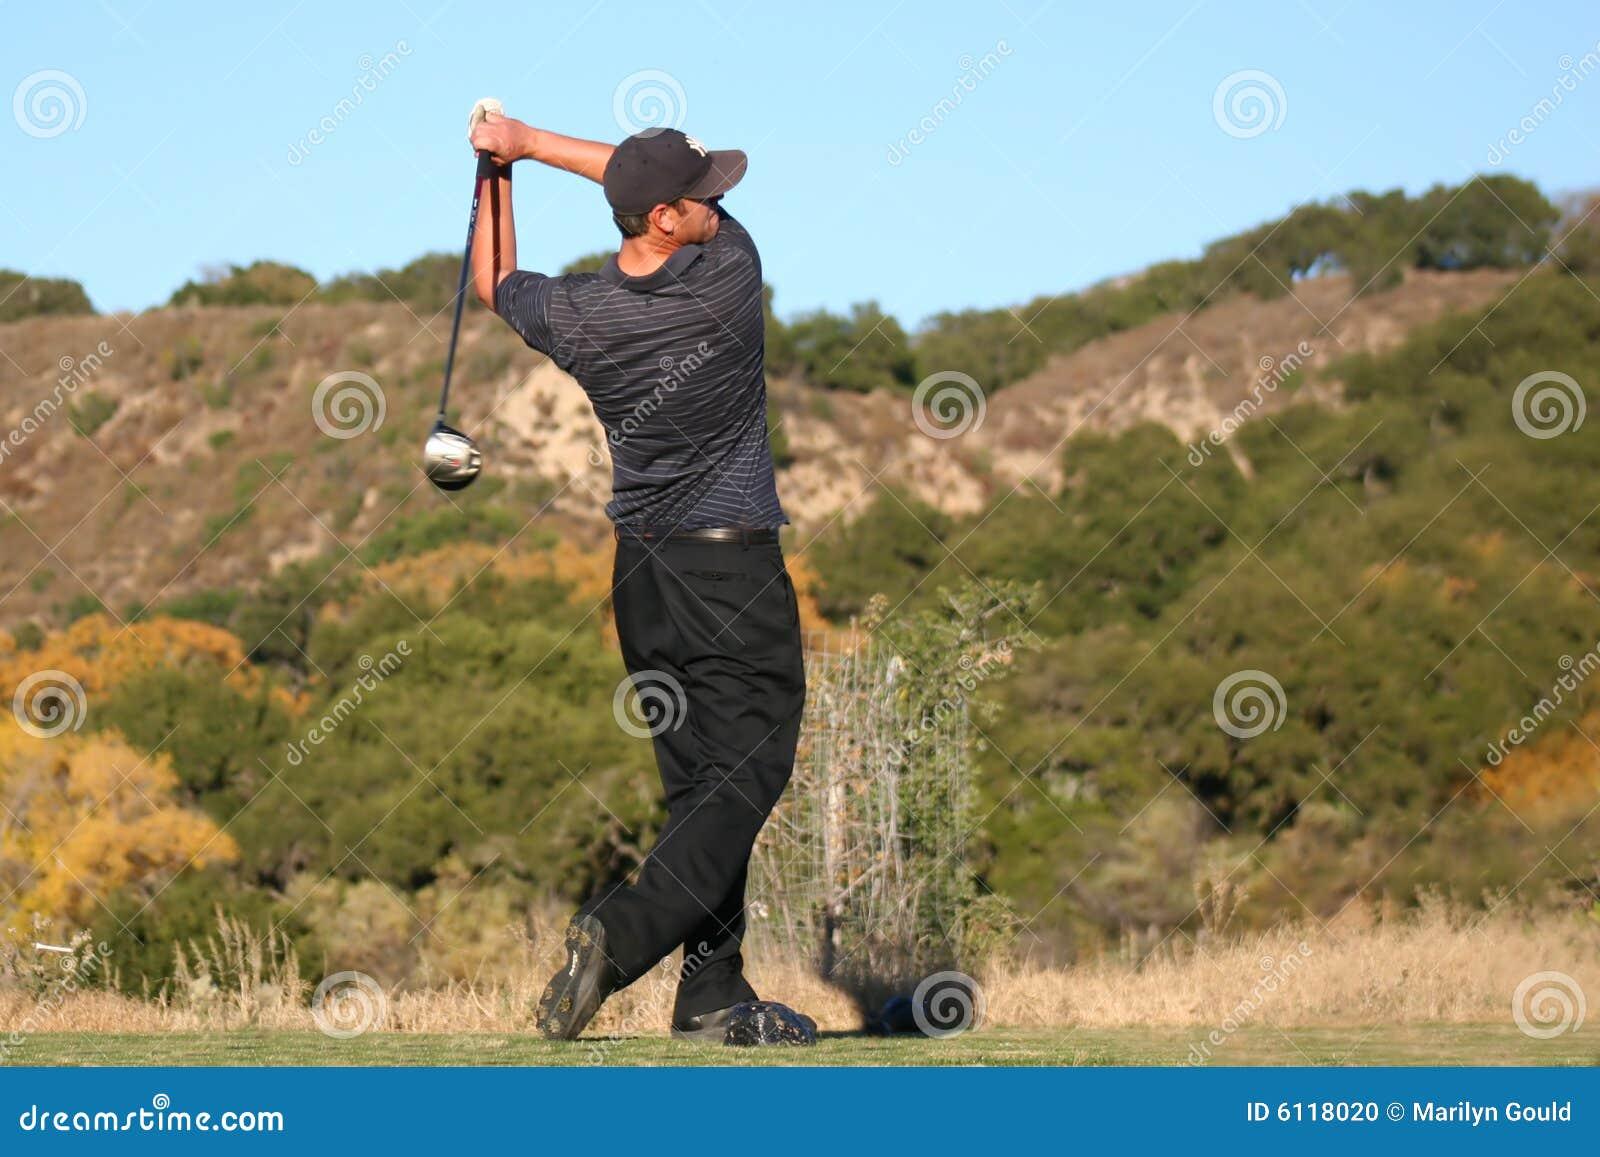 W końcu się w golfa